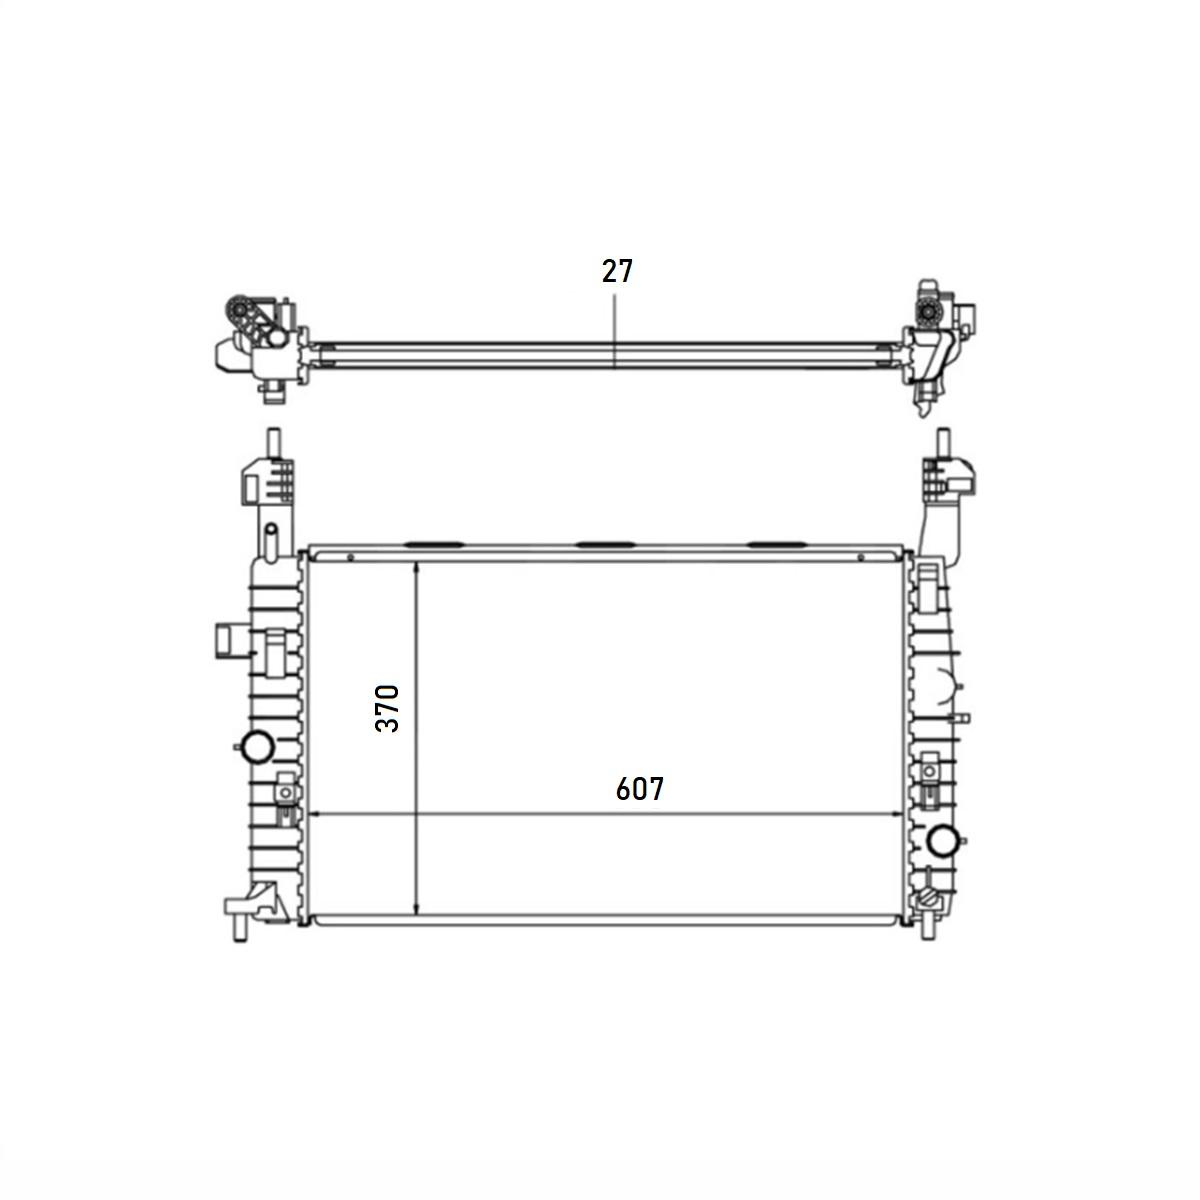 Radiador Chevrolet Meriva 1.4 1.8 8V Com Ar / Sem Ar Manual 2003 a 2009